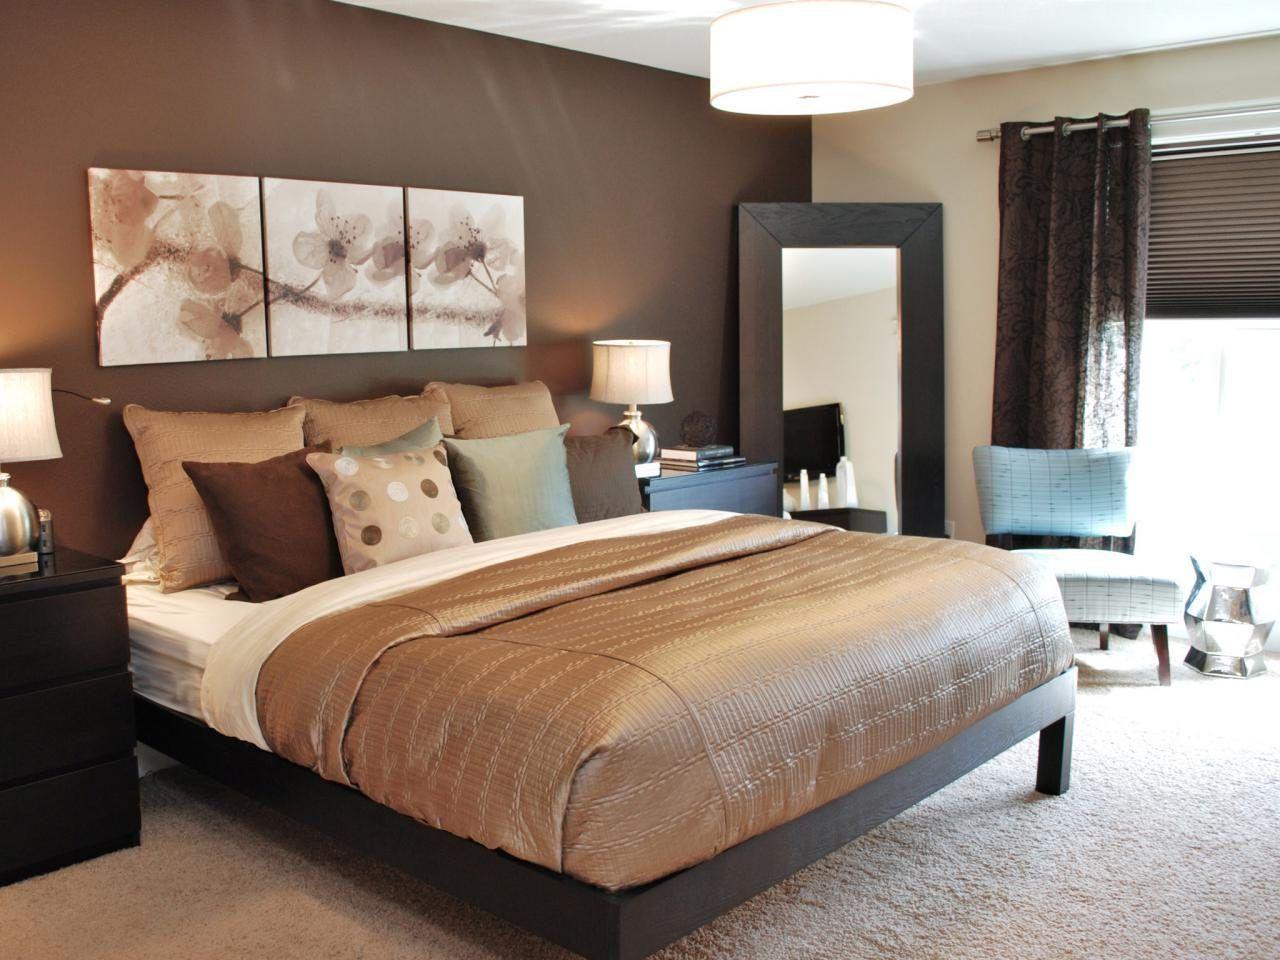 Schlafzimmer Birke ~ Massivholz regale regale birke unfertige regale regale ideen